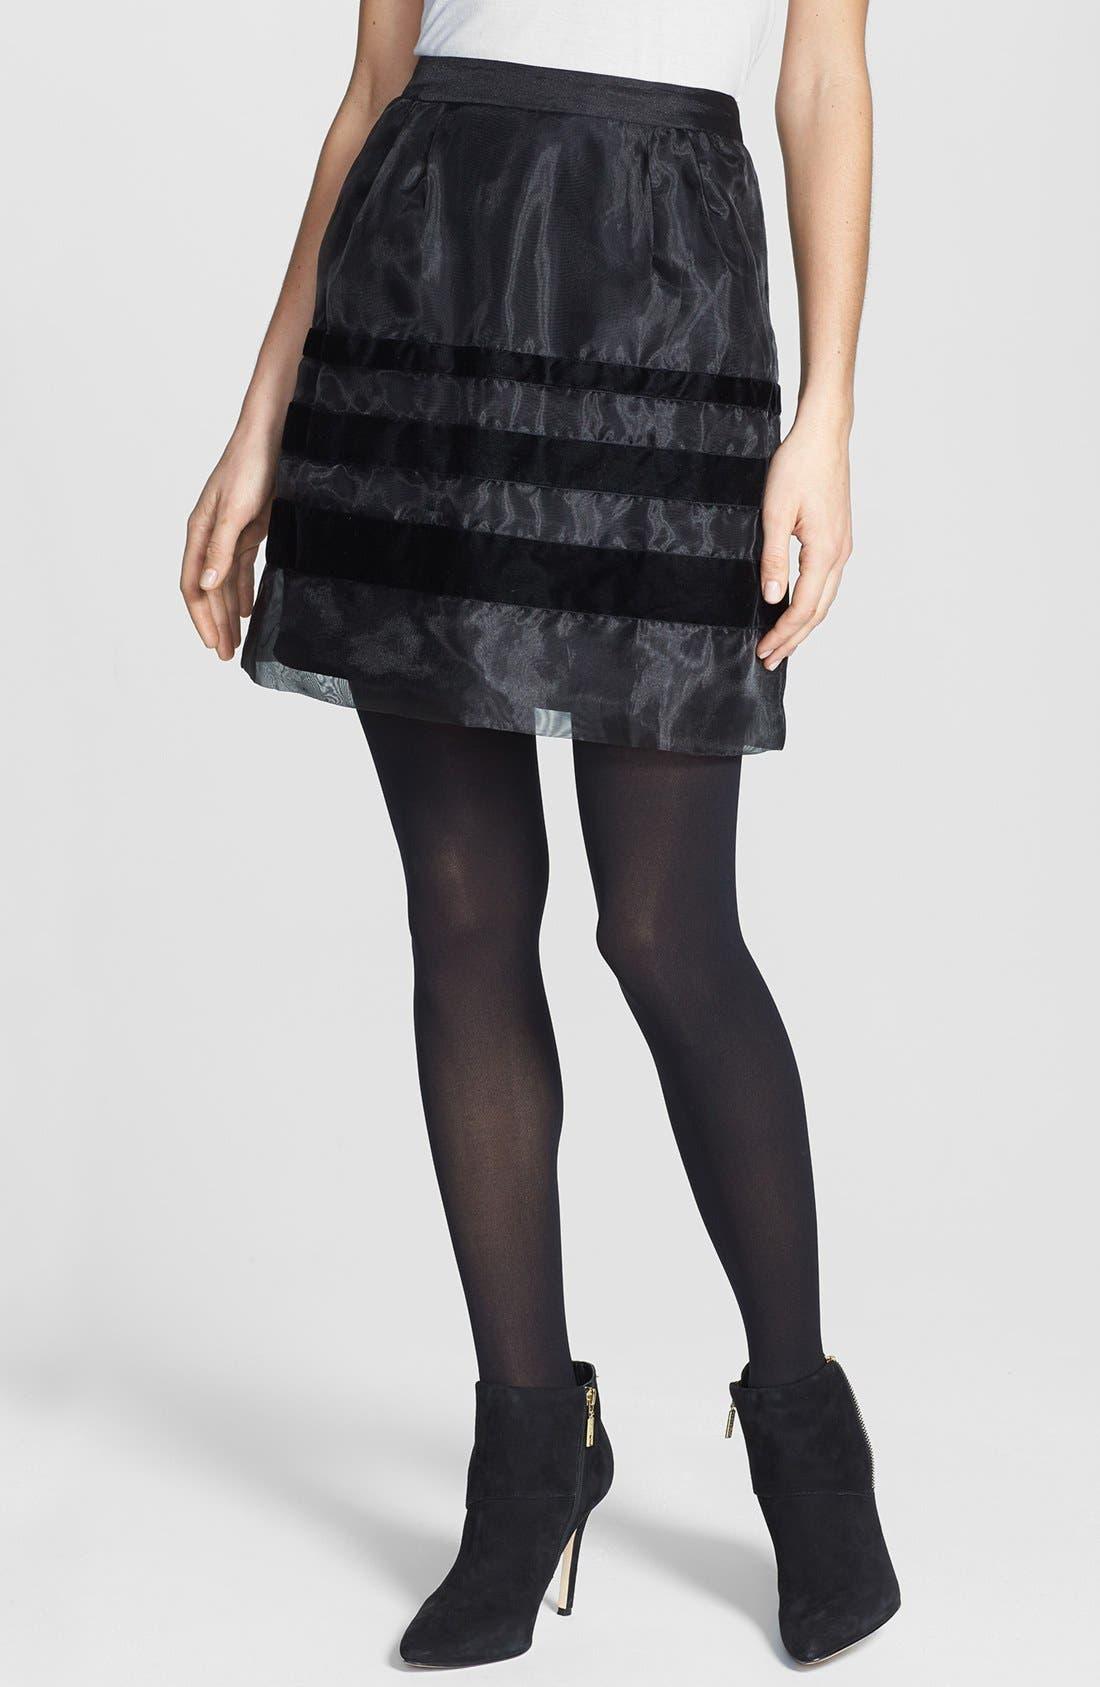 Alternate Image 1 Selected - Halogen® Velvet Stripe Organza Skirt (Regular & Petite Focus)